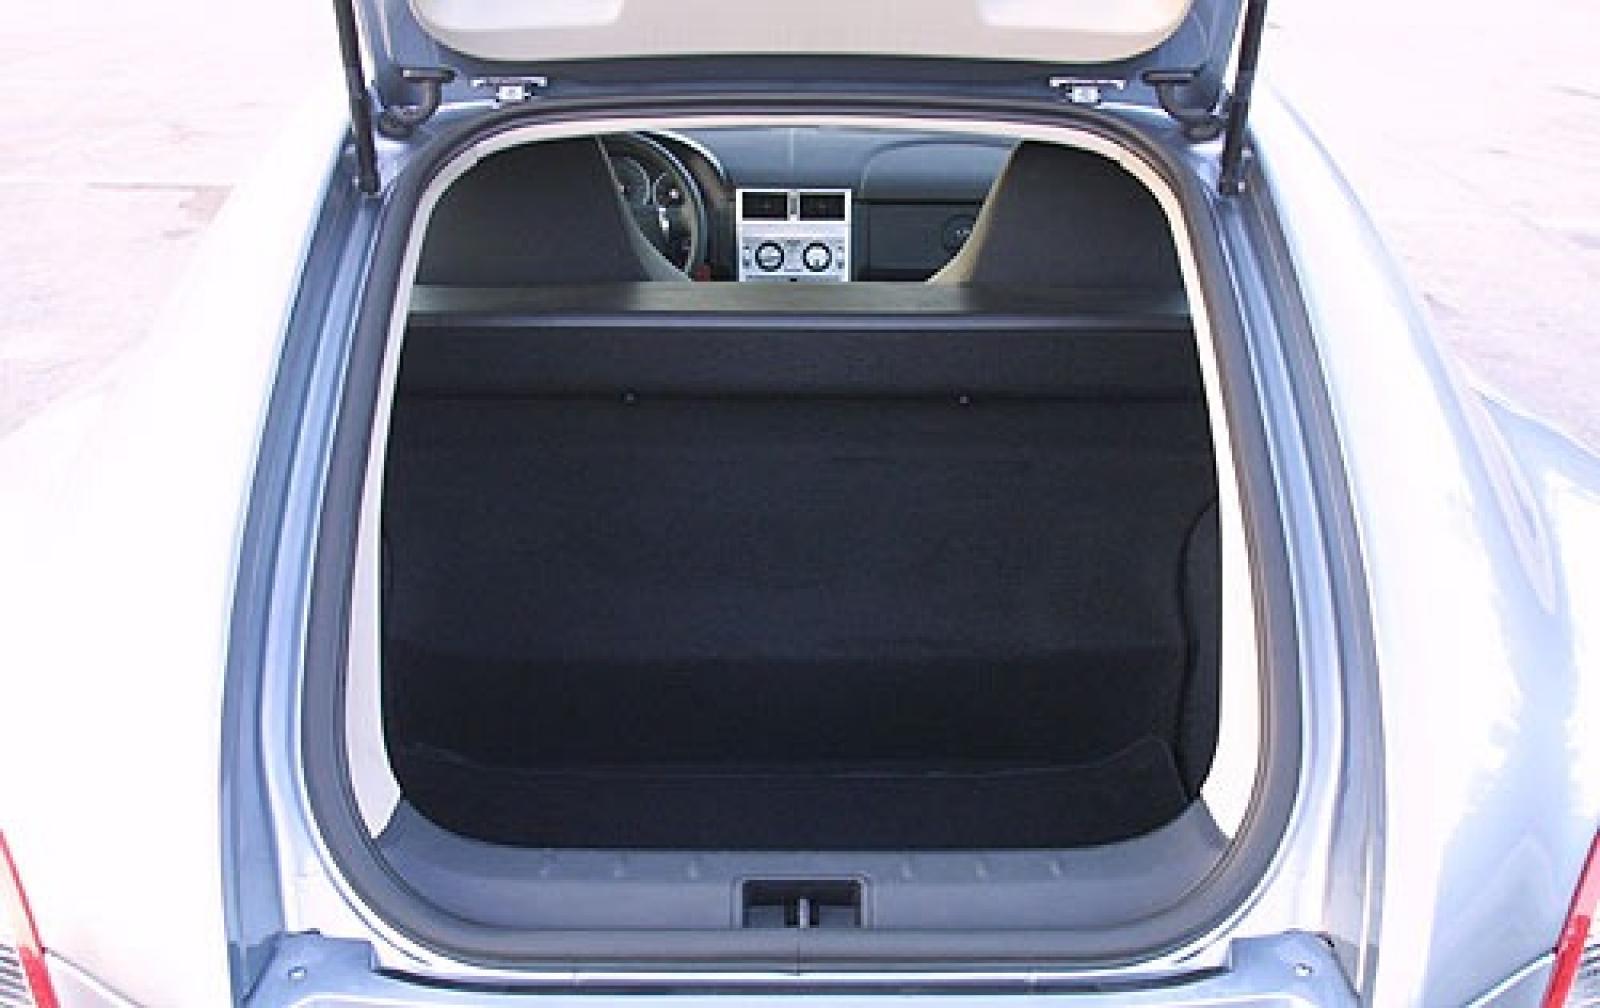 Used chrysler crossfire review ratings edmunds - 800 1024 1280 1600 Origin 2005 Chrysler Crossfire